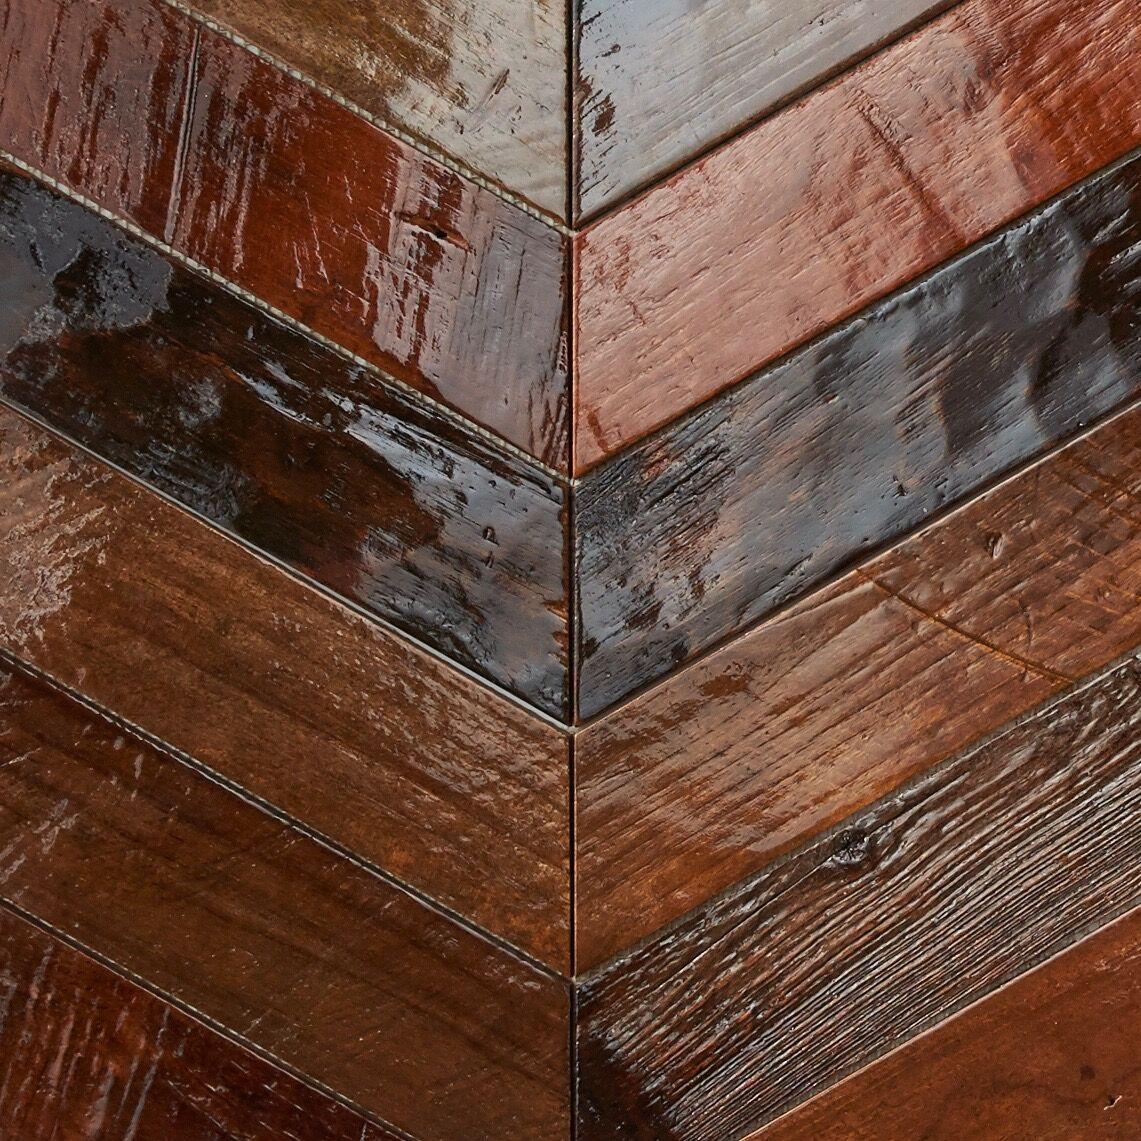 patina resin finish - Teak Tile - Chevron